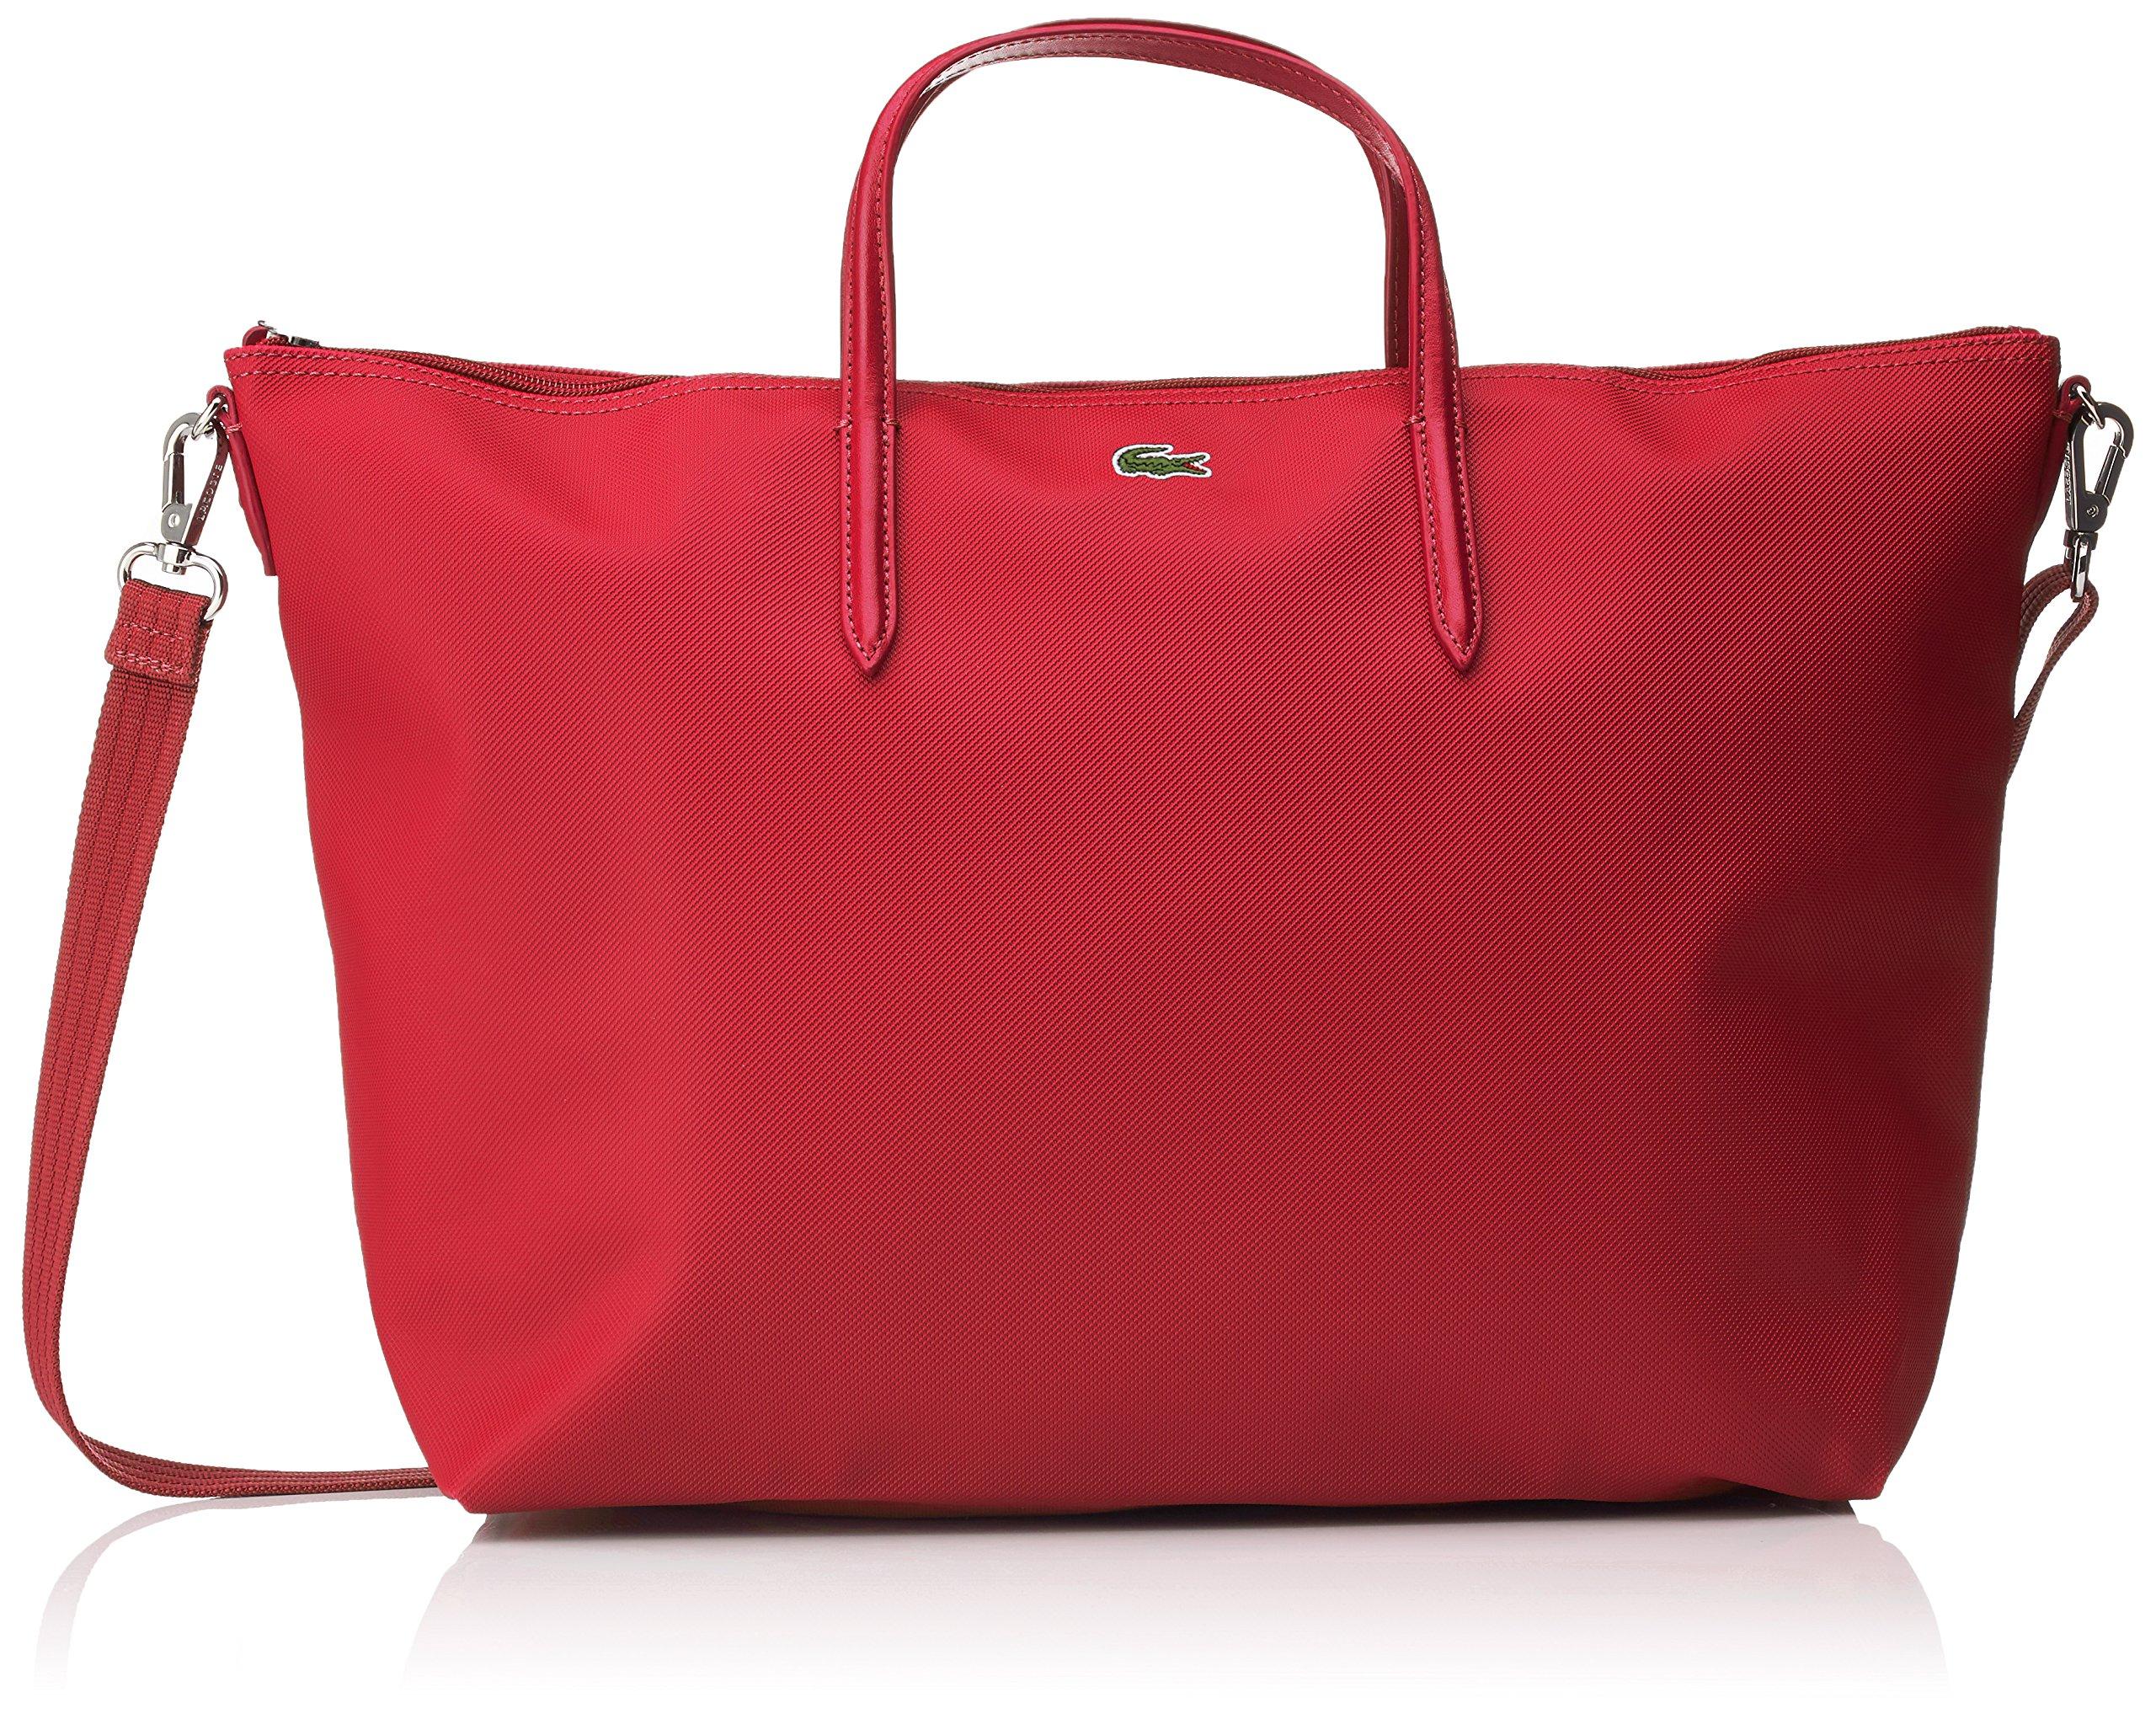 Roserose Virtual Pink Lacoste Sacs Bandouliere Femme Concept L1212 Nf1889po mv8wONn0